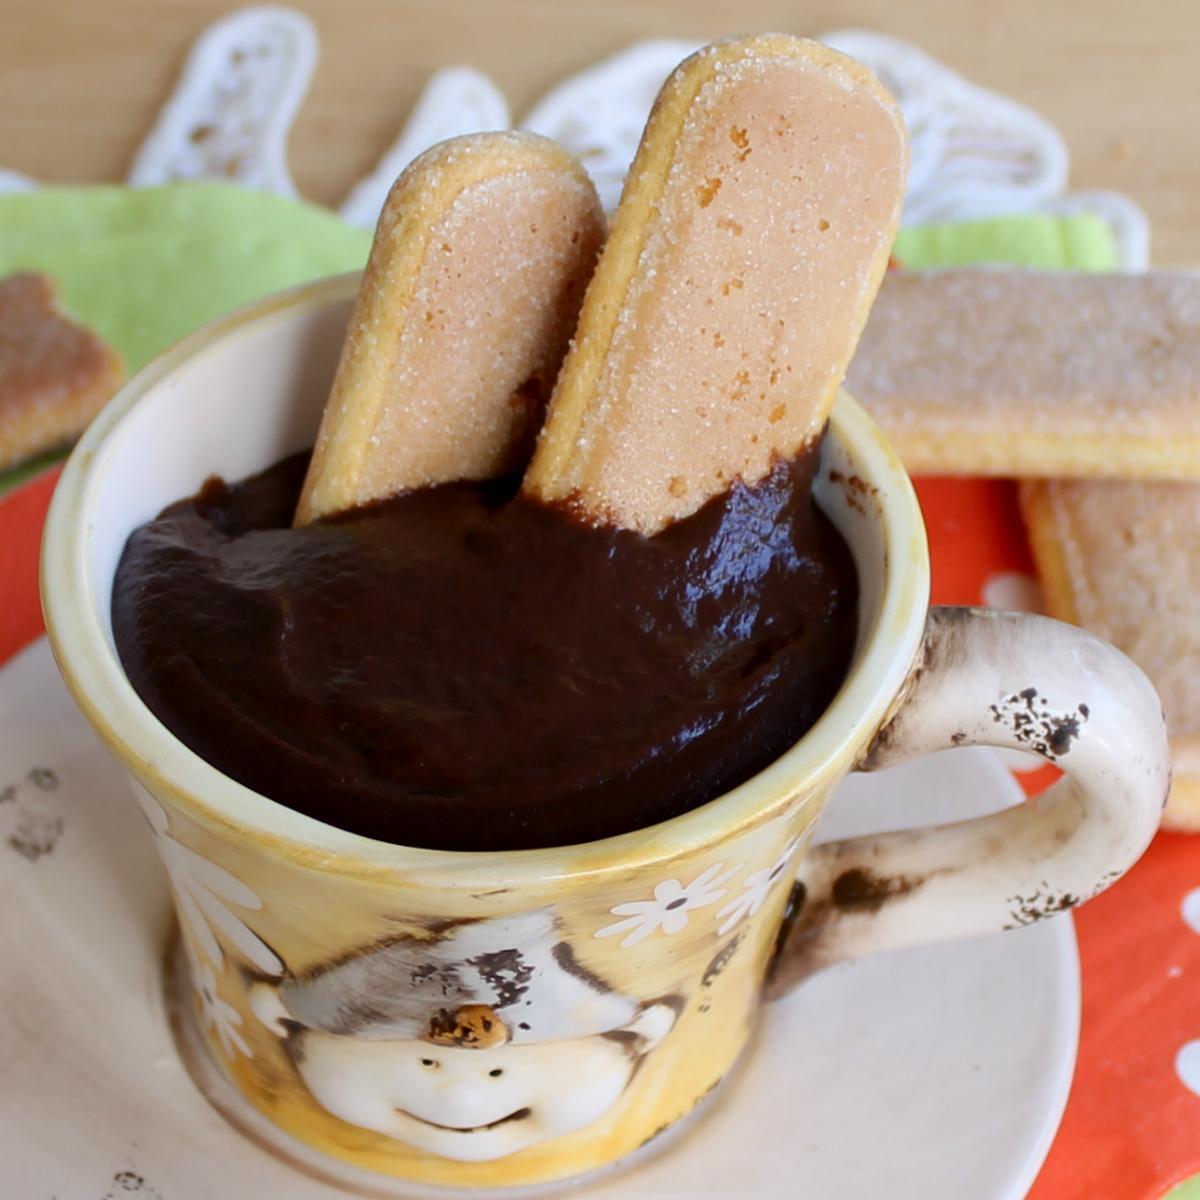 cioccolata calda densa fb